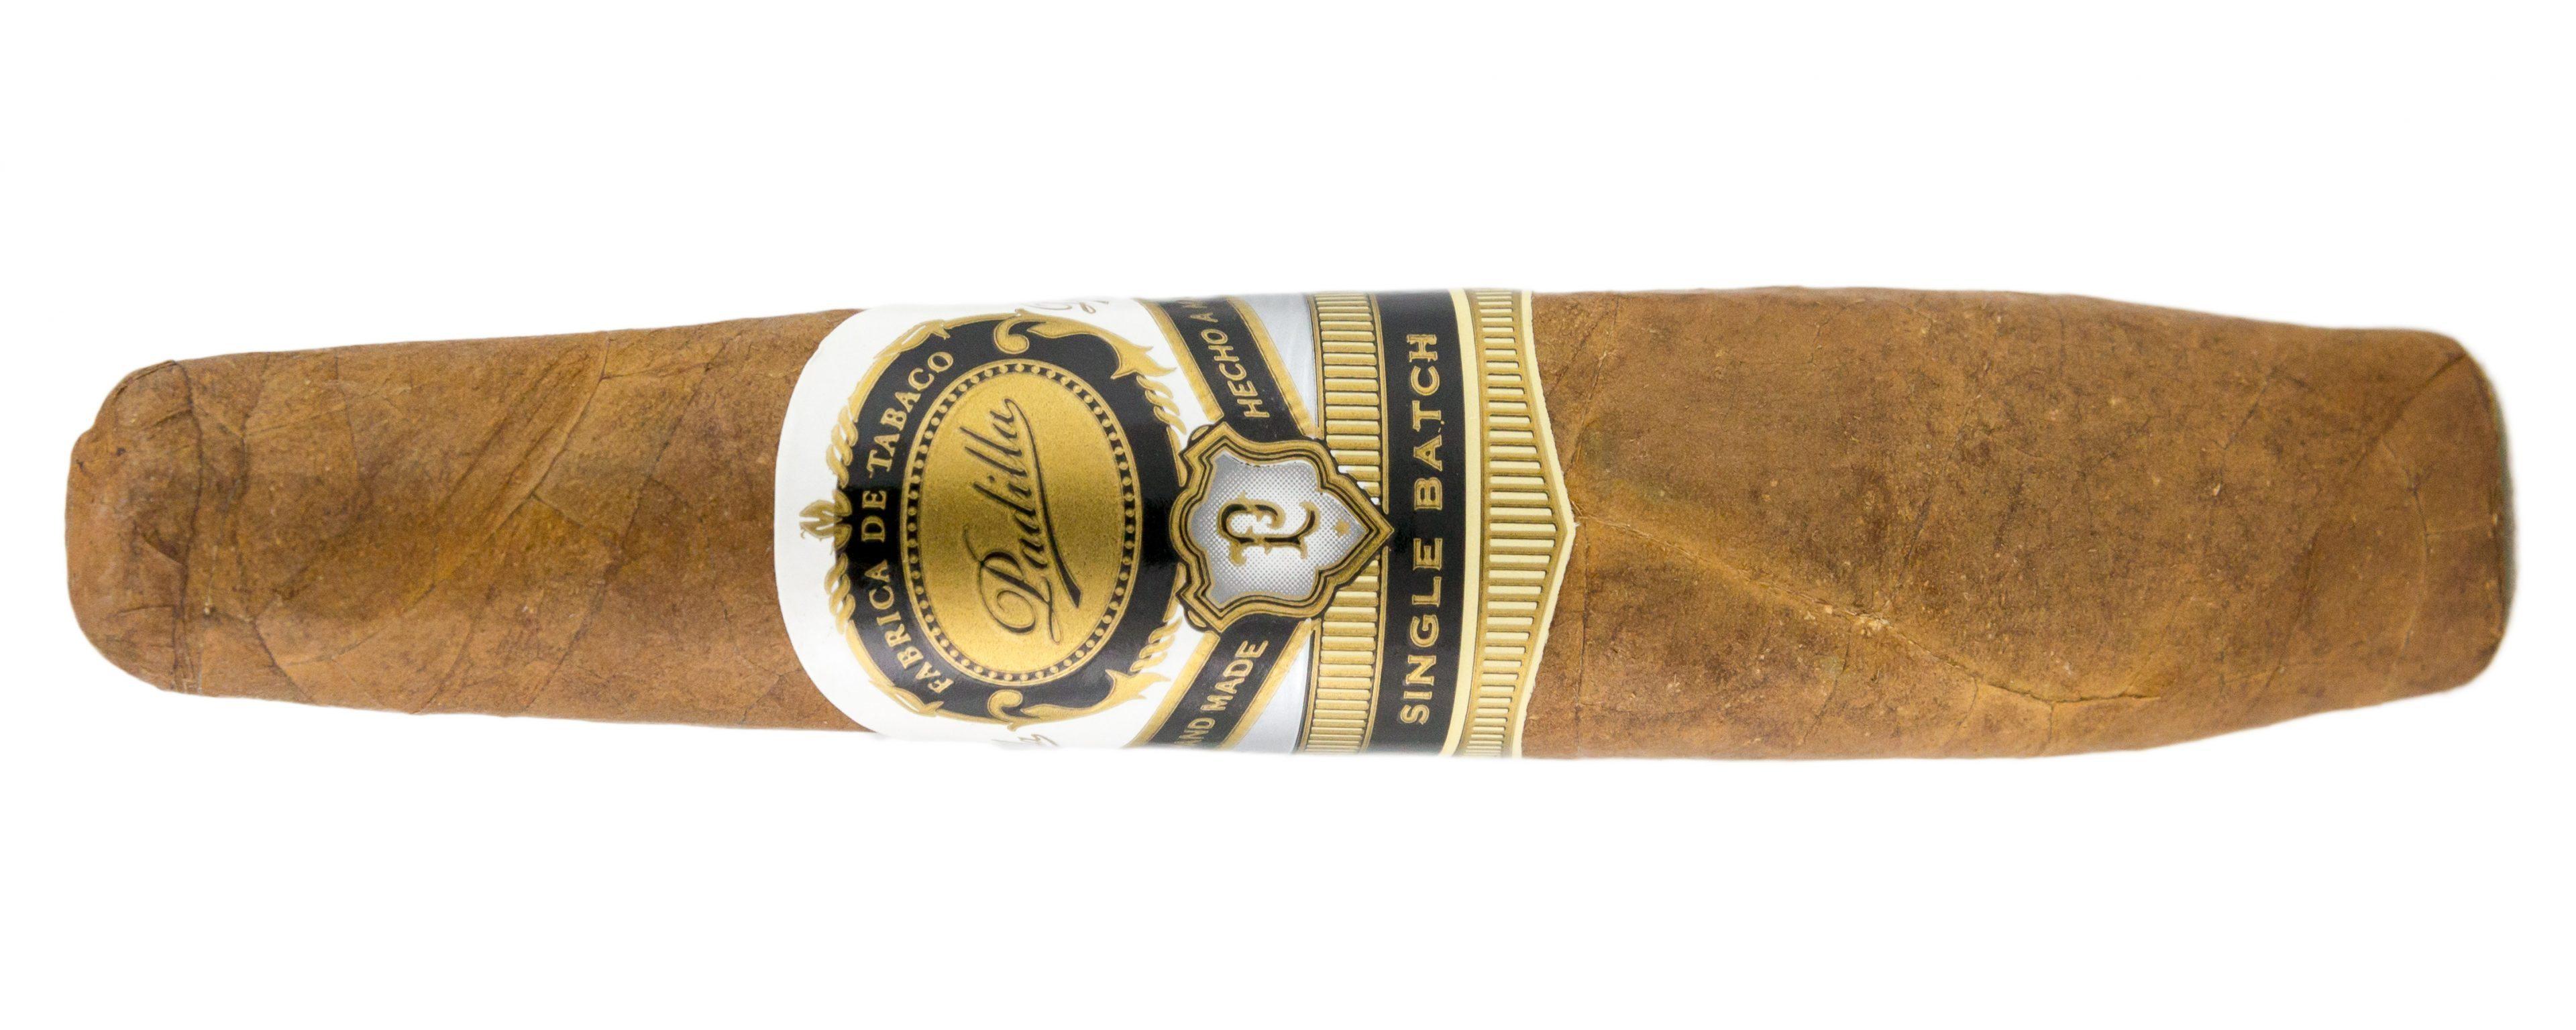 Blind Cigar Review: Padilla | Single Batch Perfecto